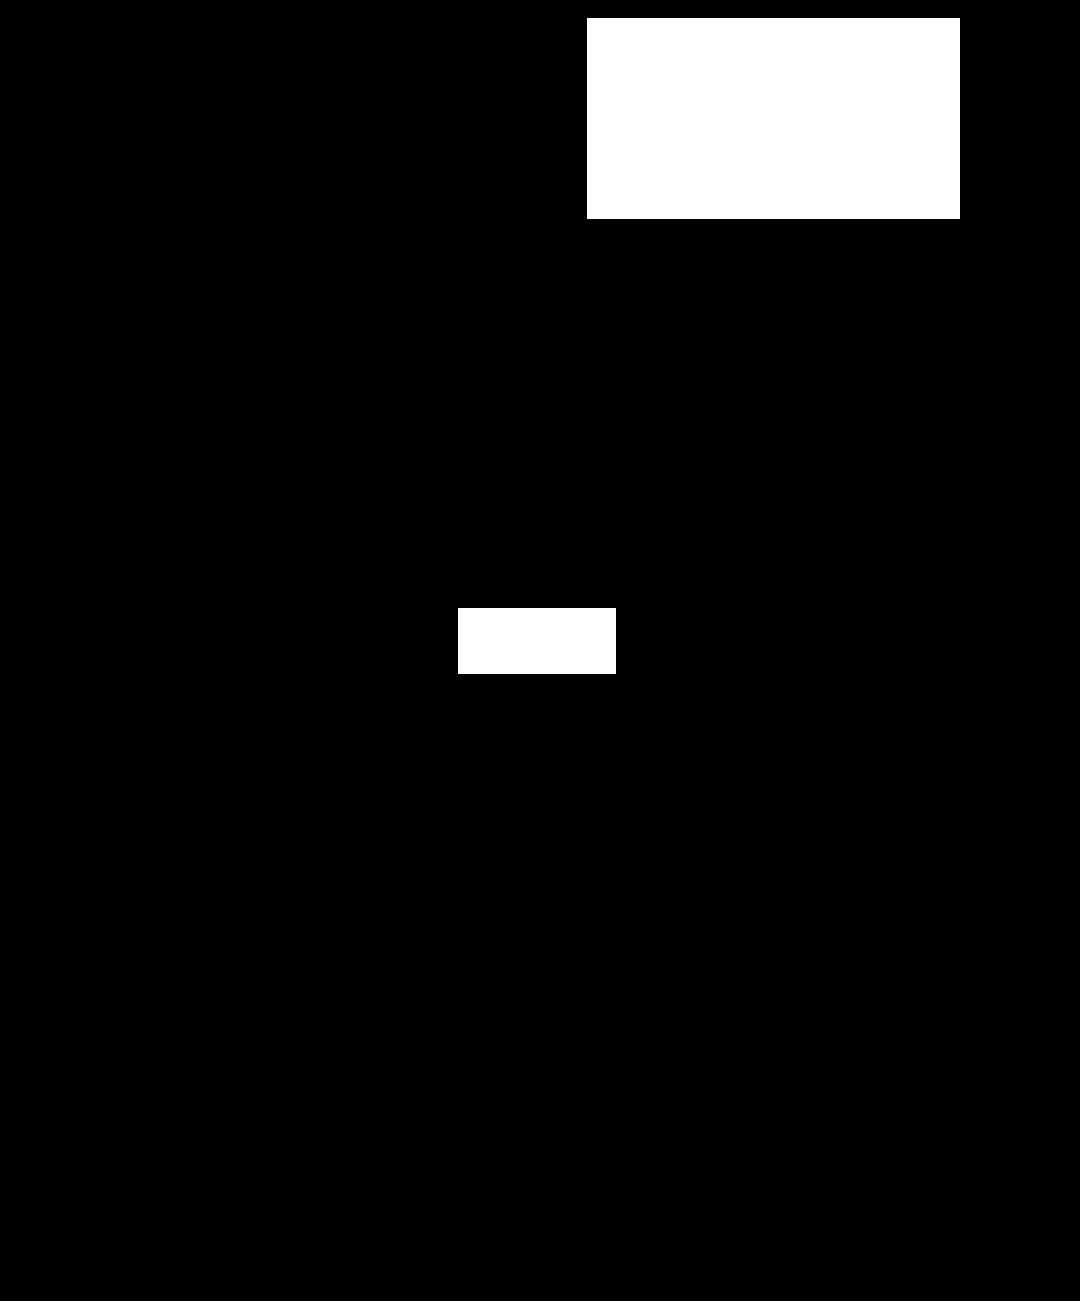 bezier curve computer graphics pdf